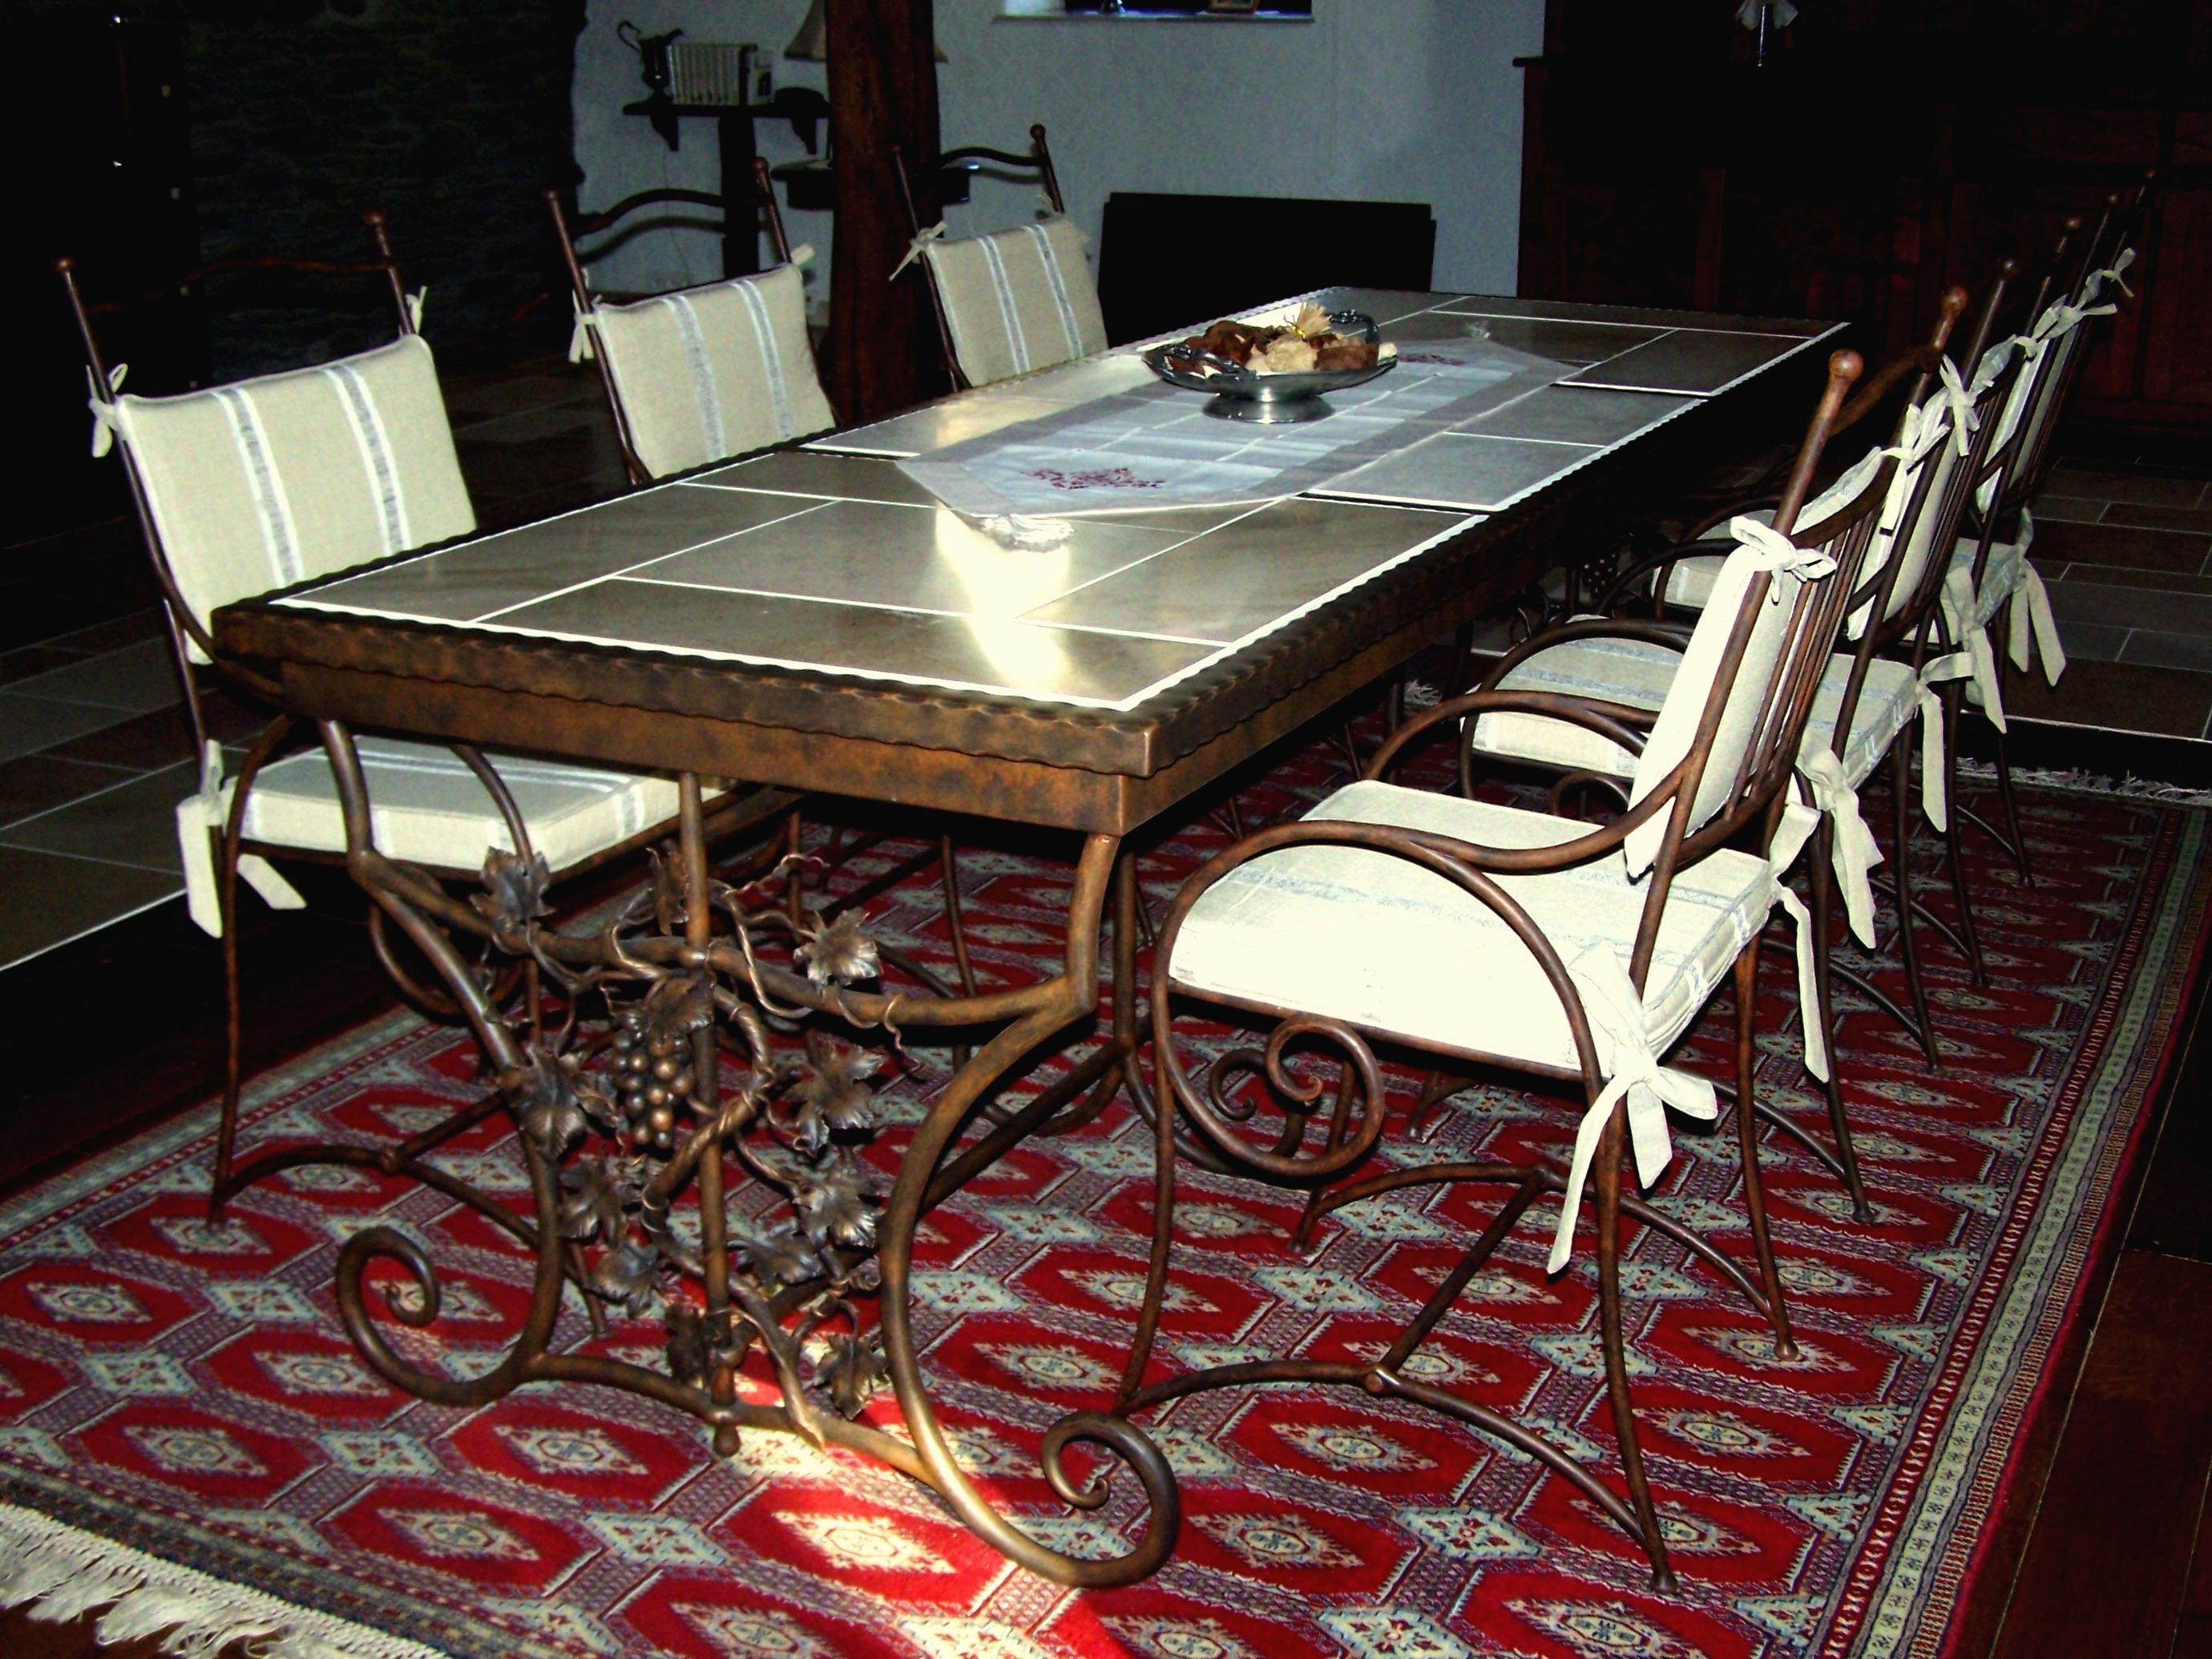 smeedijzeren tafel met wijnrank